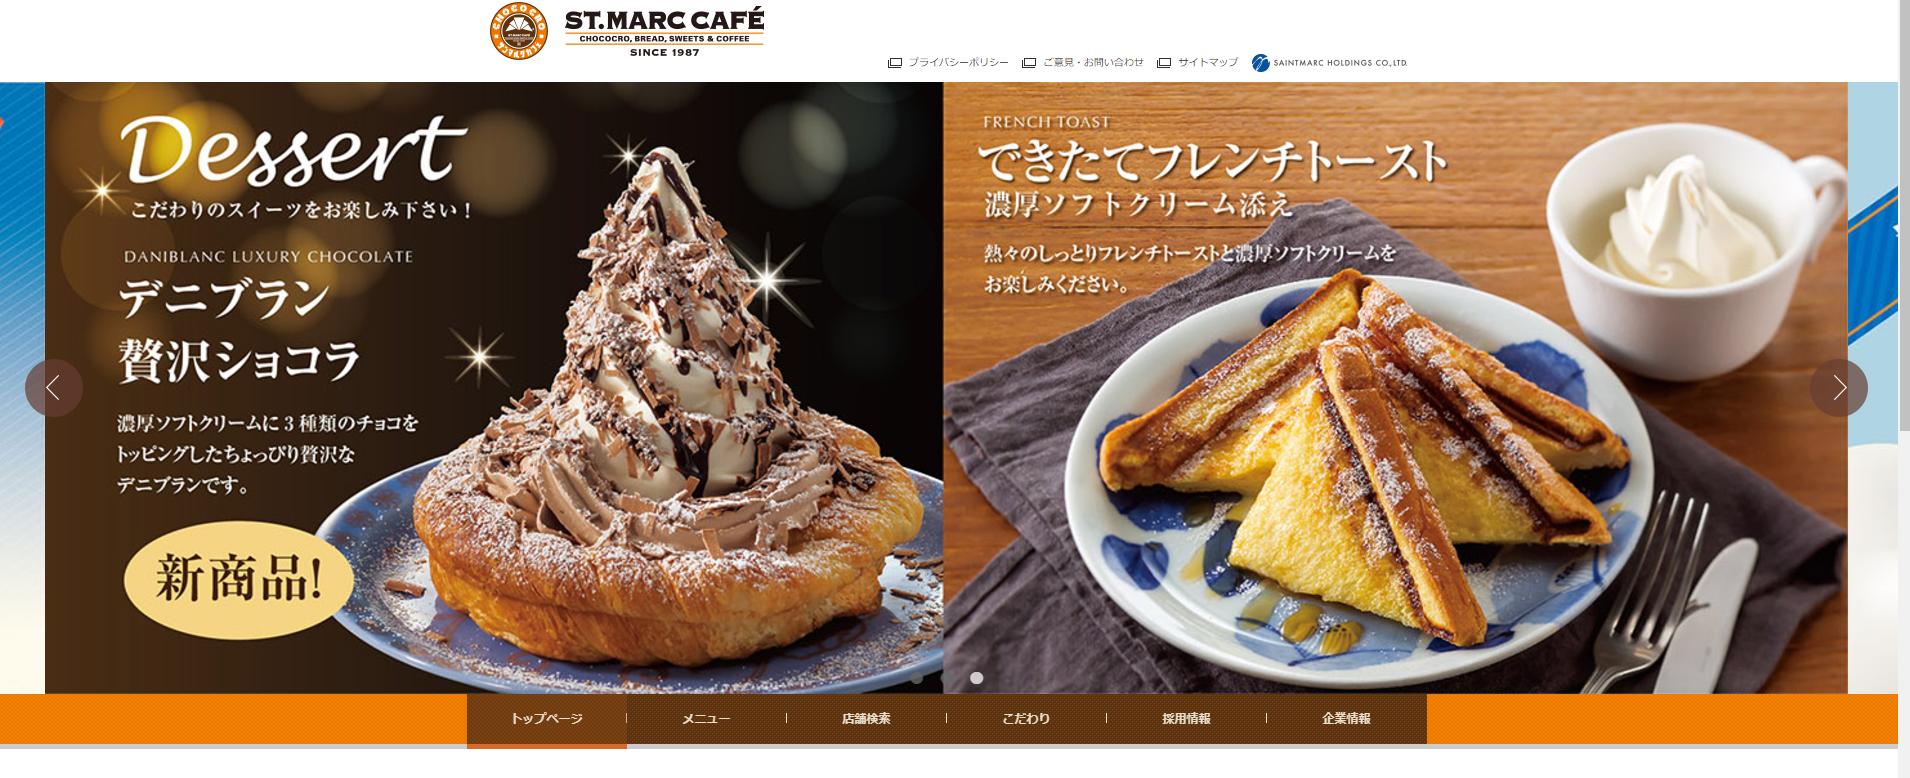 サンマルクカフェ 荻窪南口店